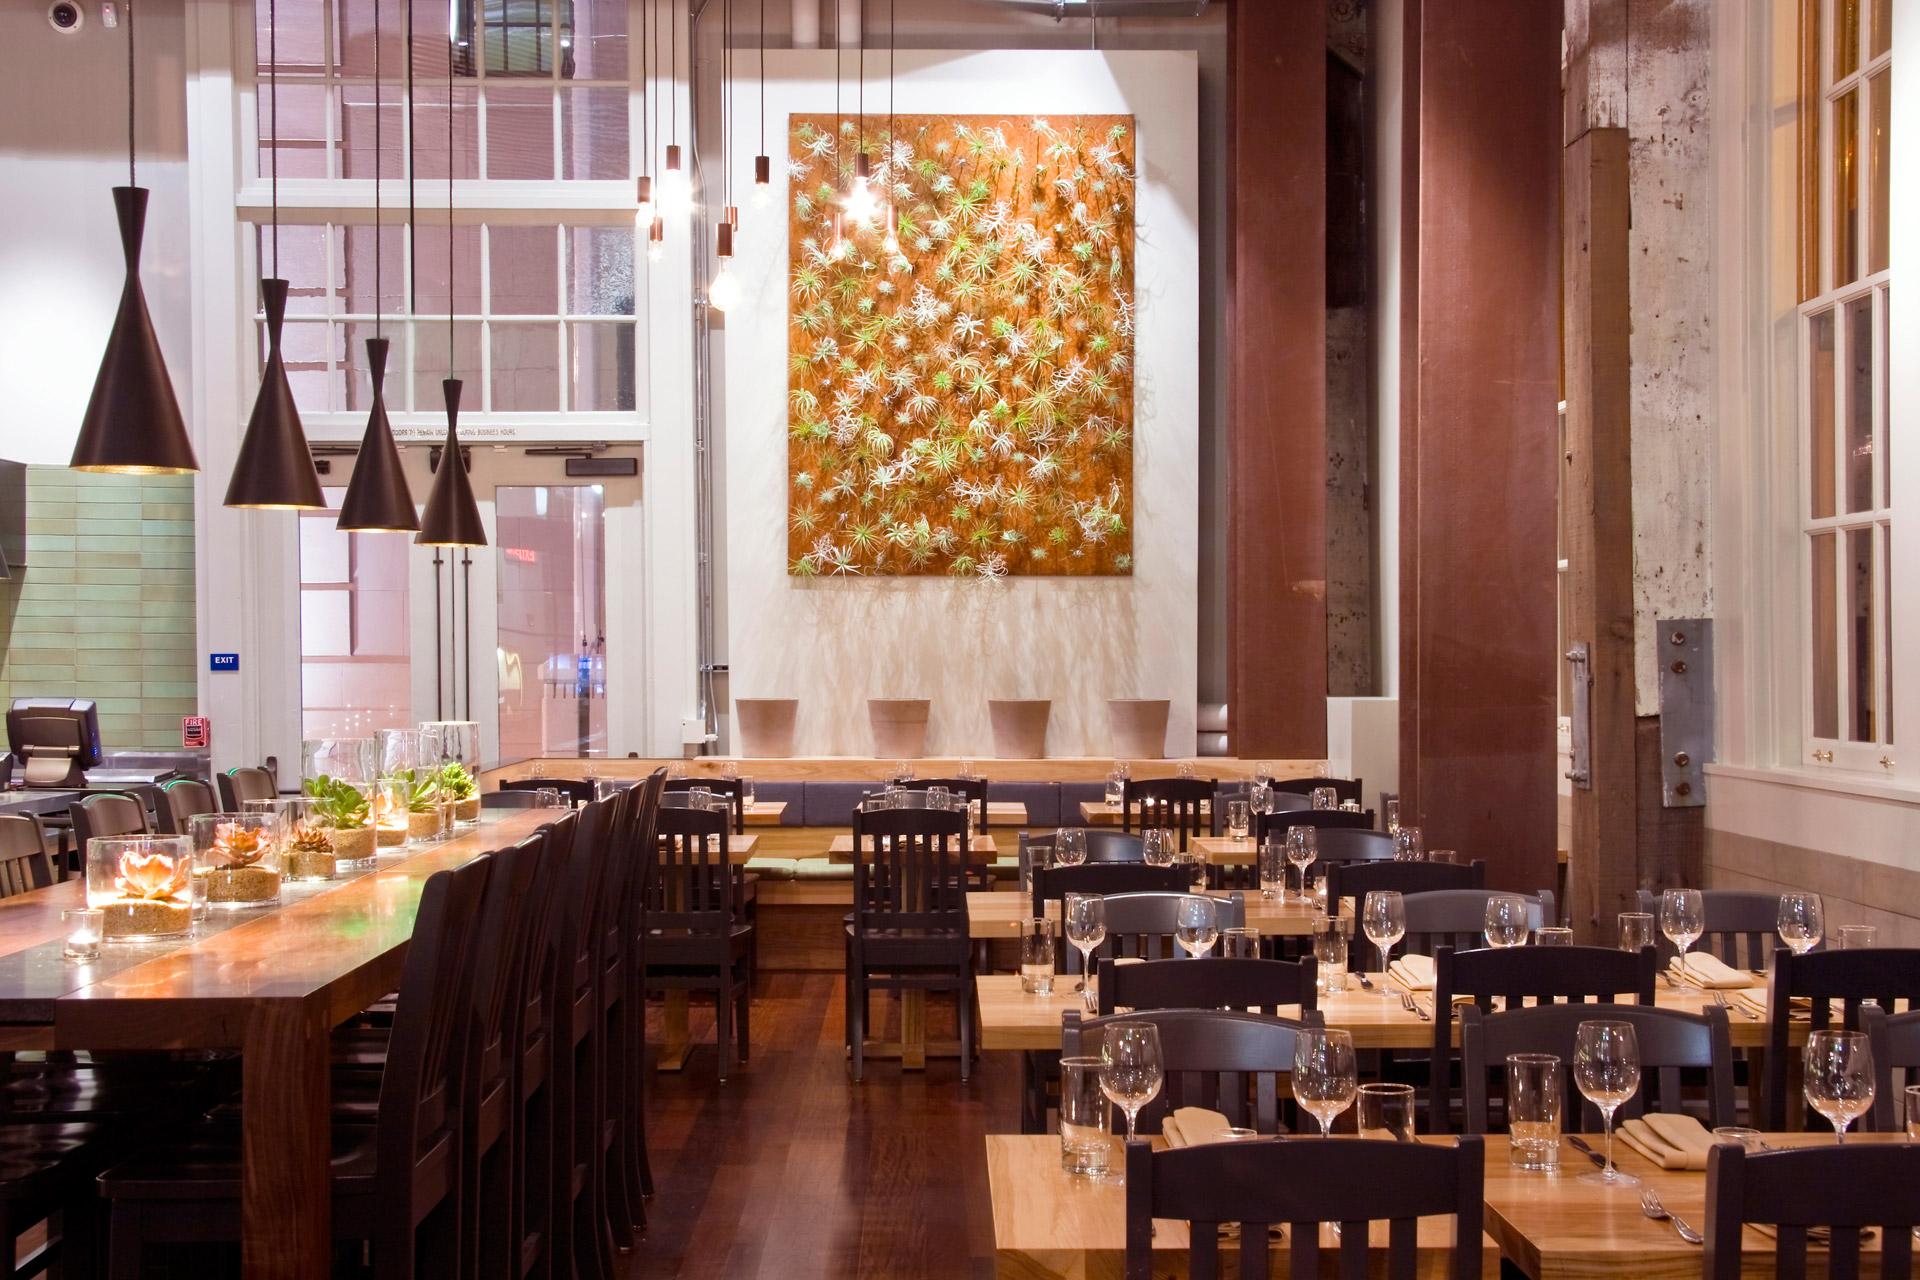 The Plant: Café Organic restaurant design